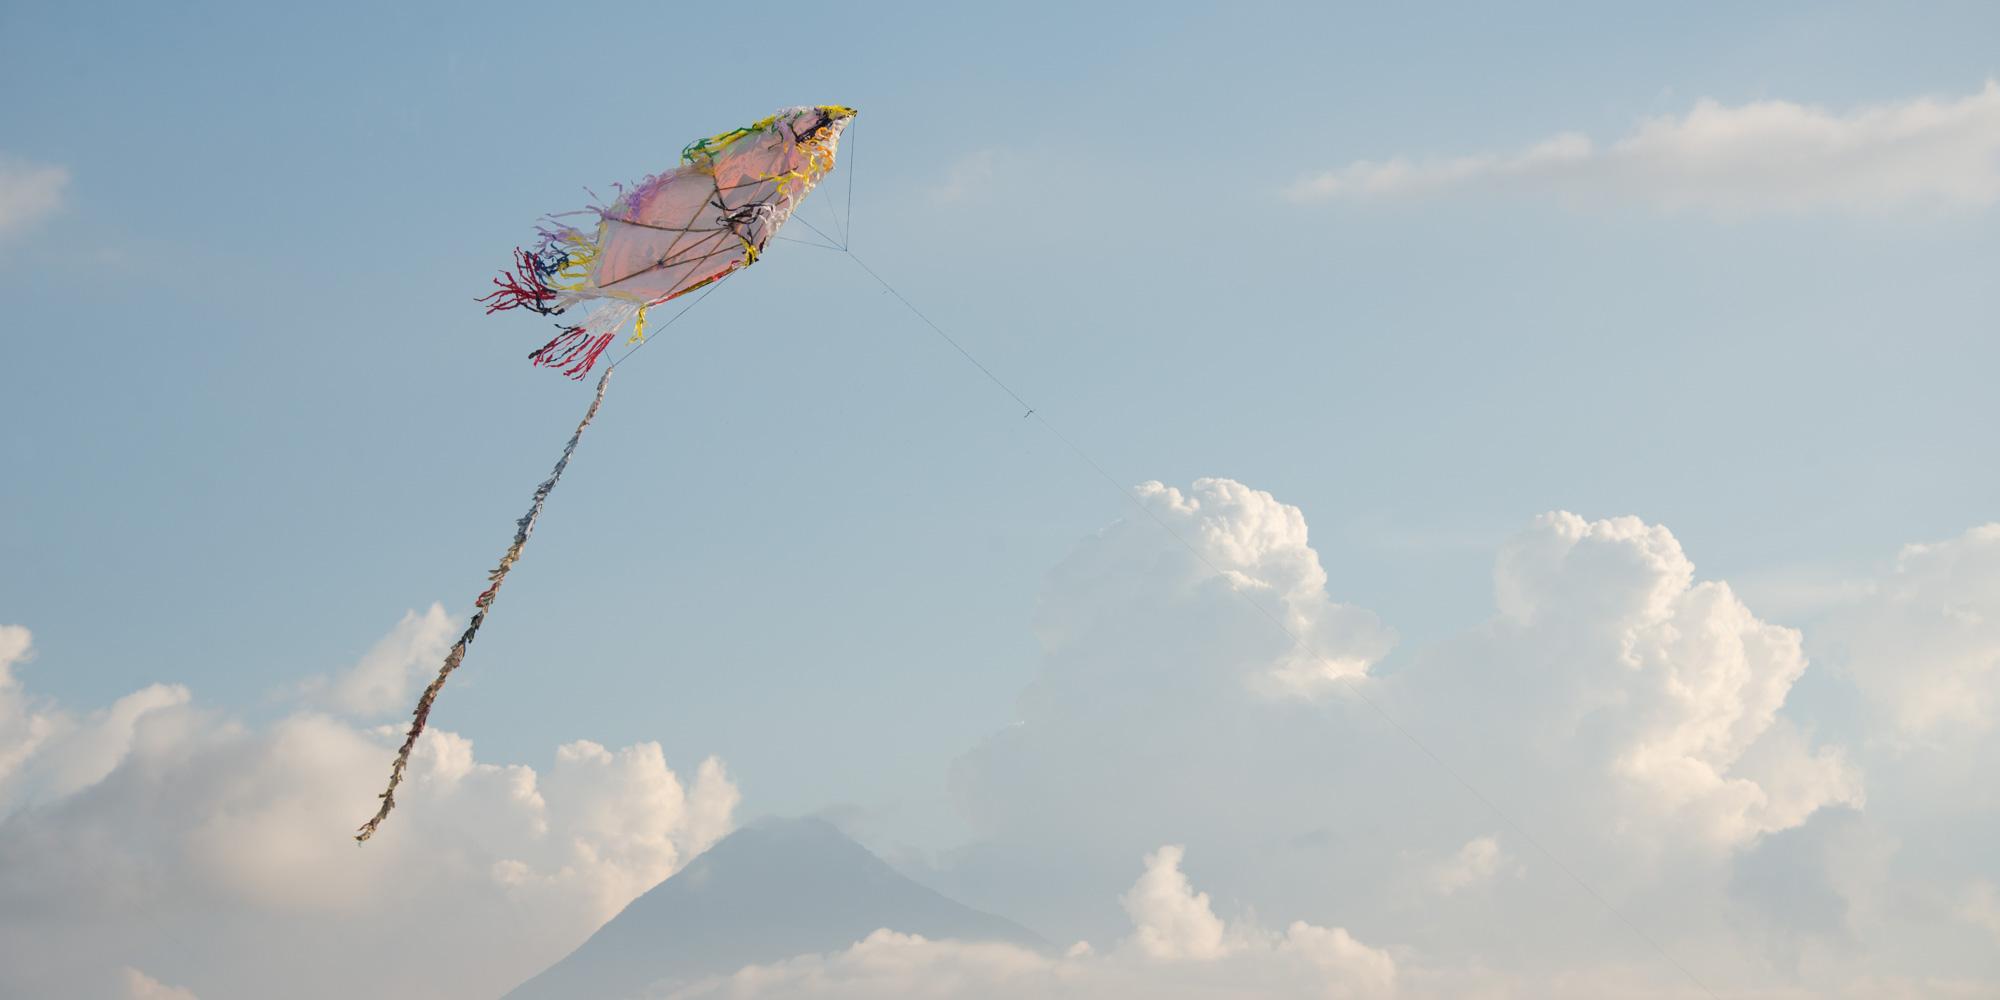 stuart allen the kite table